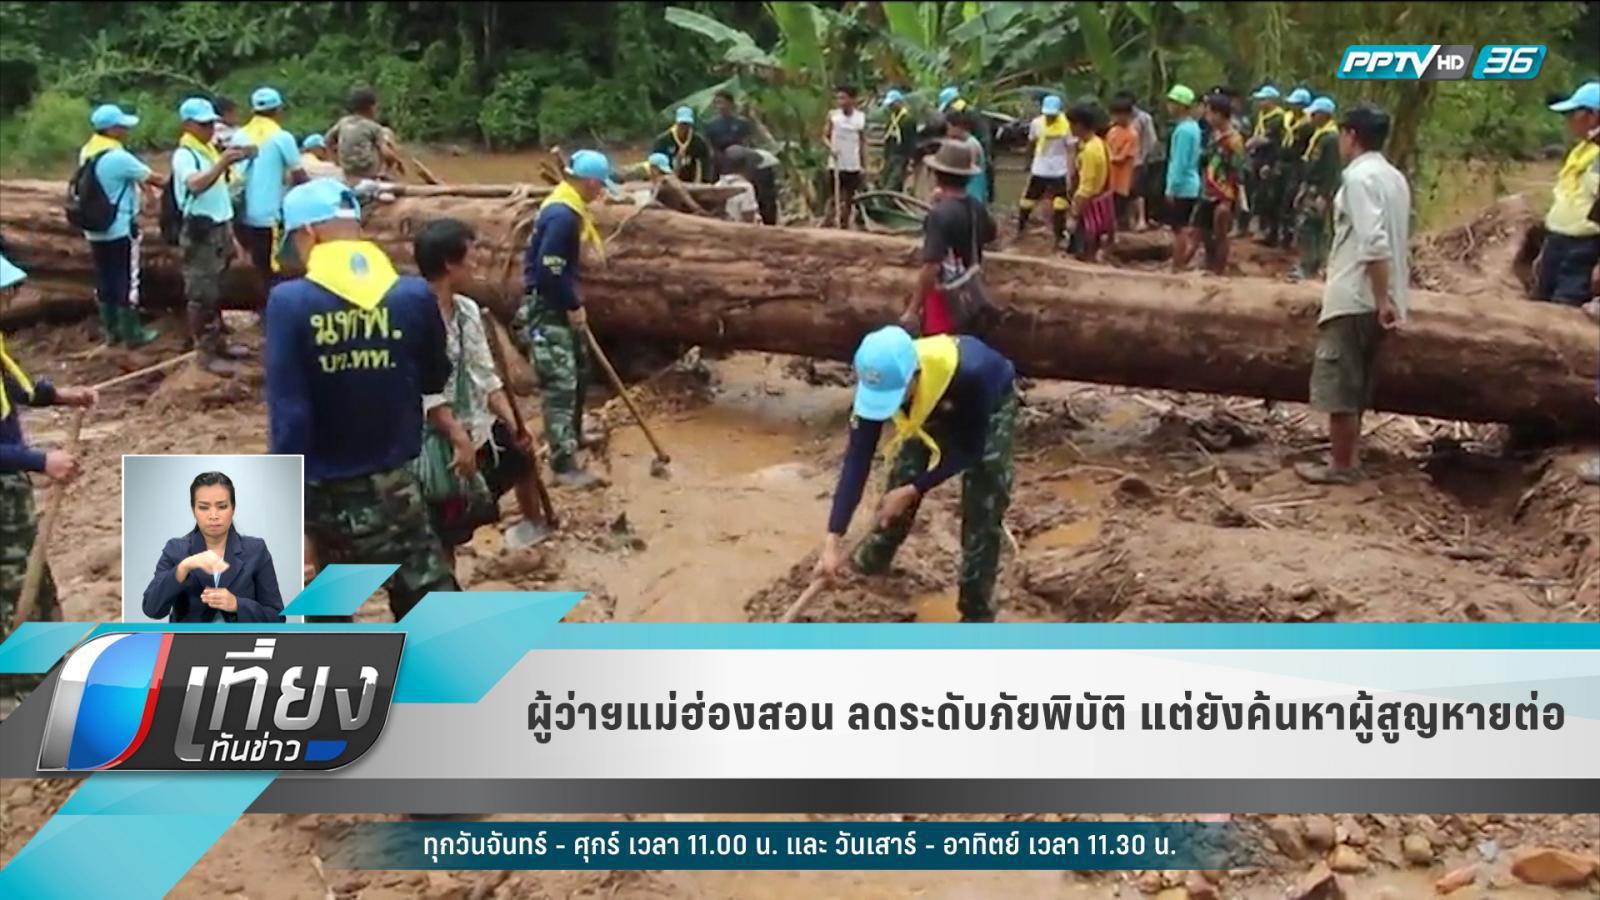 ผู้ว่าฯแม่ฮ่องสอน ลดระดับภัยพิบัติ แต่ยังค้นหาผู้สูญหายดินโคลนถล่ม